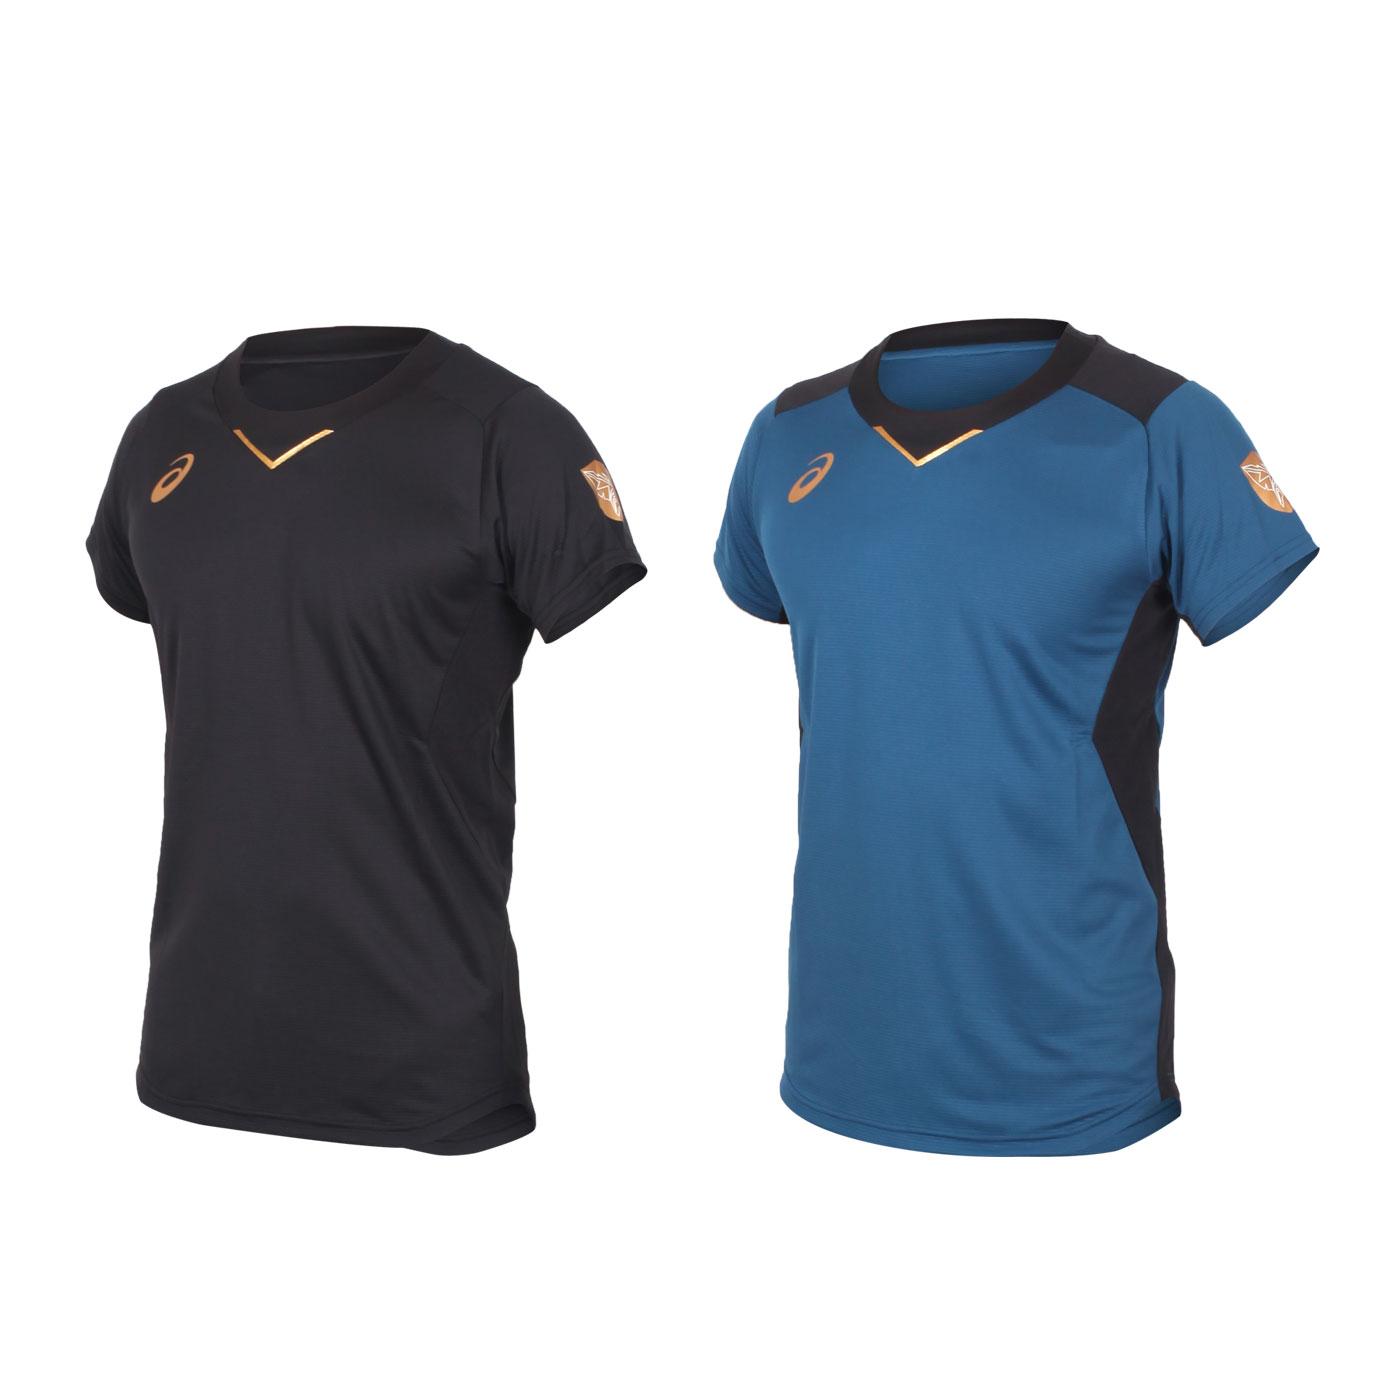 ASICS 男款排球短袖T恤 2051A245-001